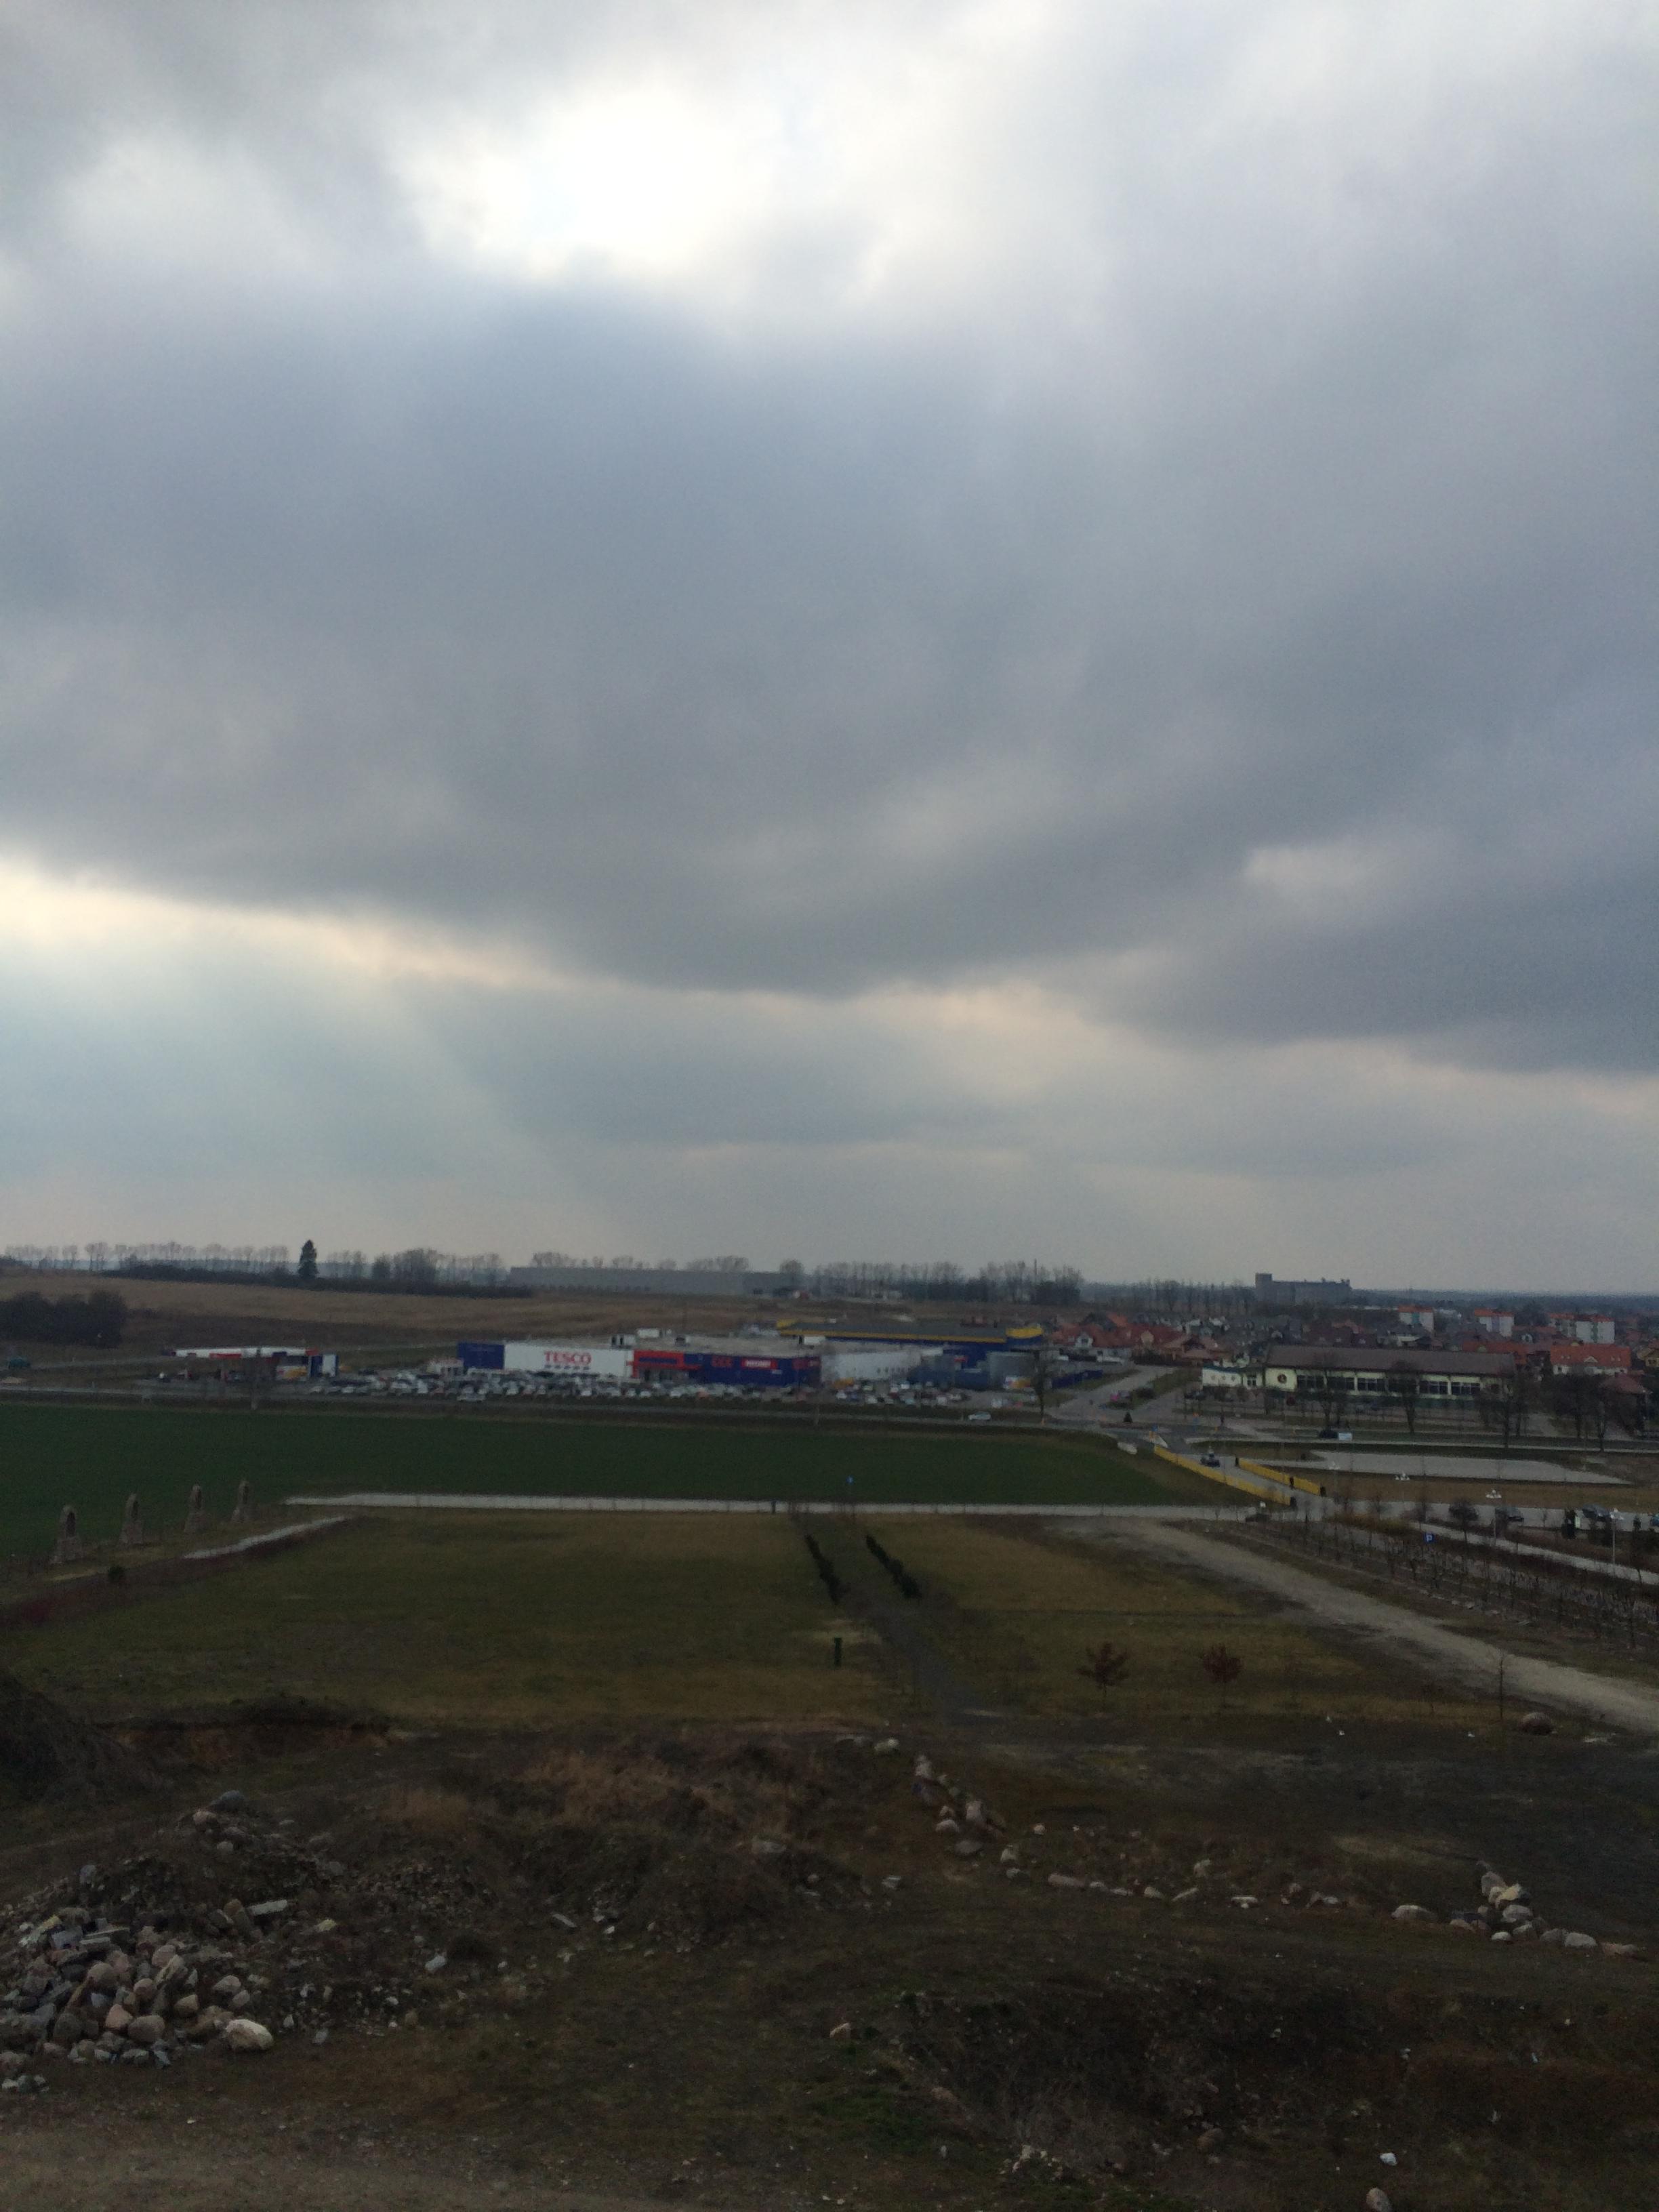 ポーランドにある世界一の●●に会いに行ってみた 8169add18e93b0f7c94cd8e7fbe321c5